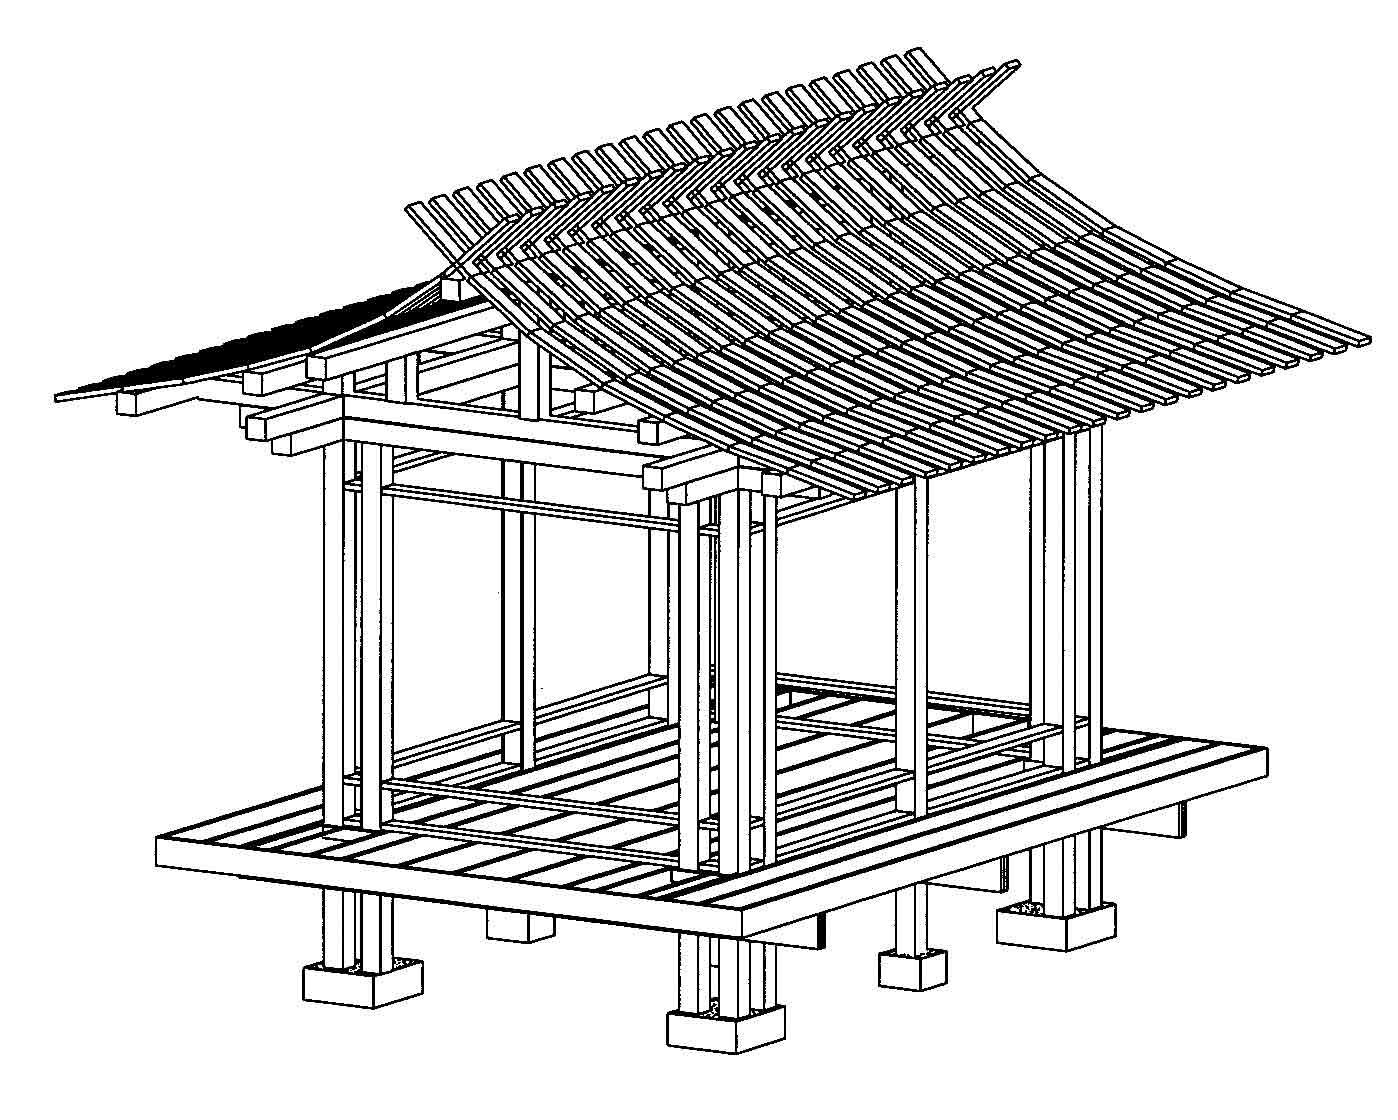 Teahouse study